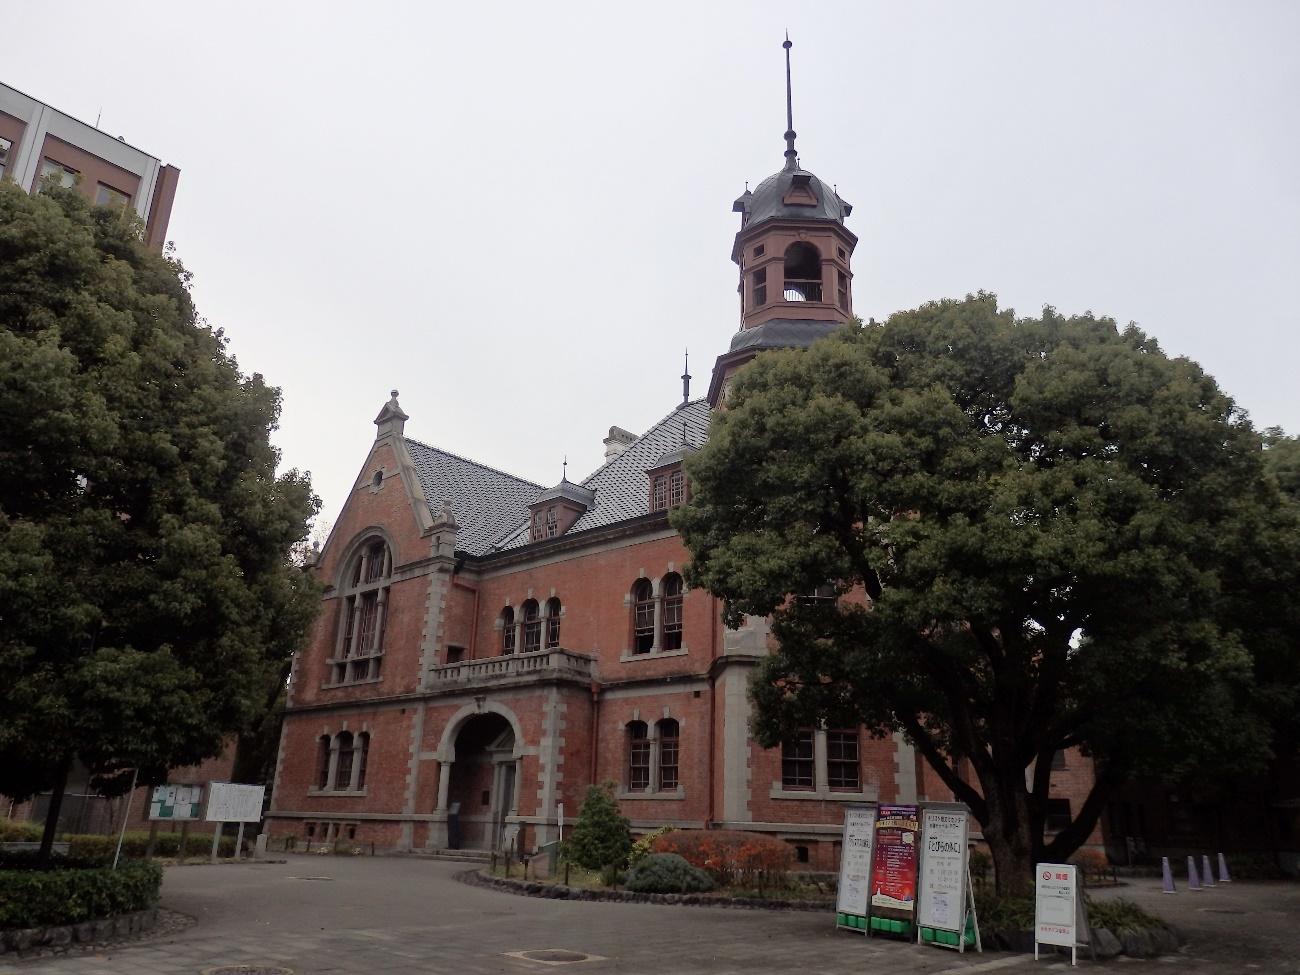 同志社大学 今出川キャンパス クラーク記念館